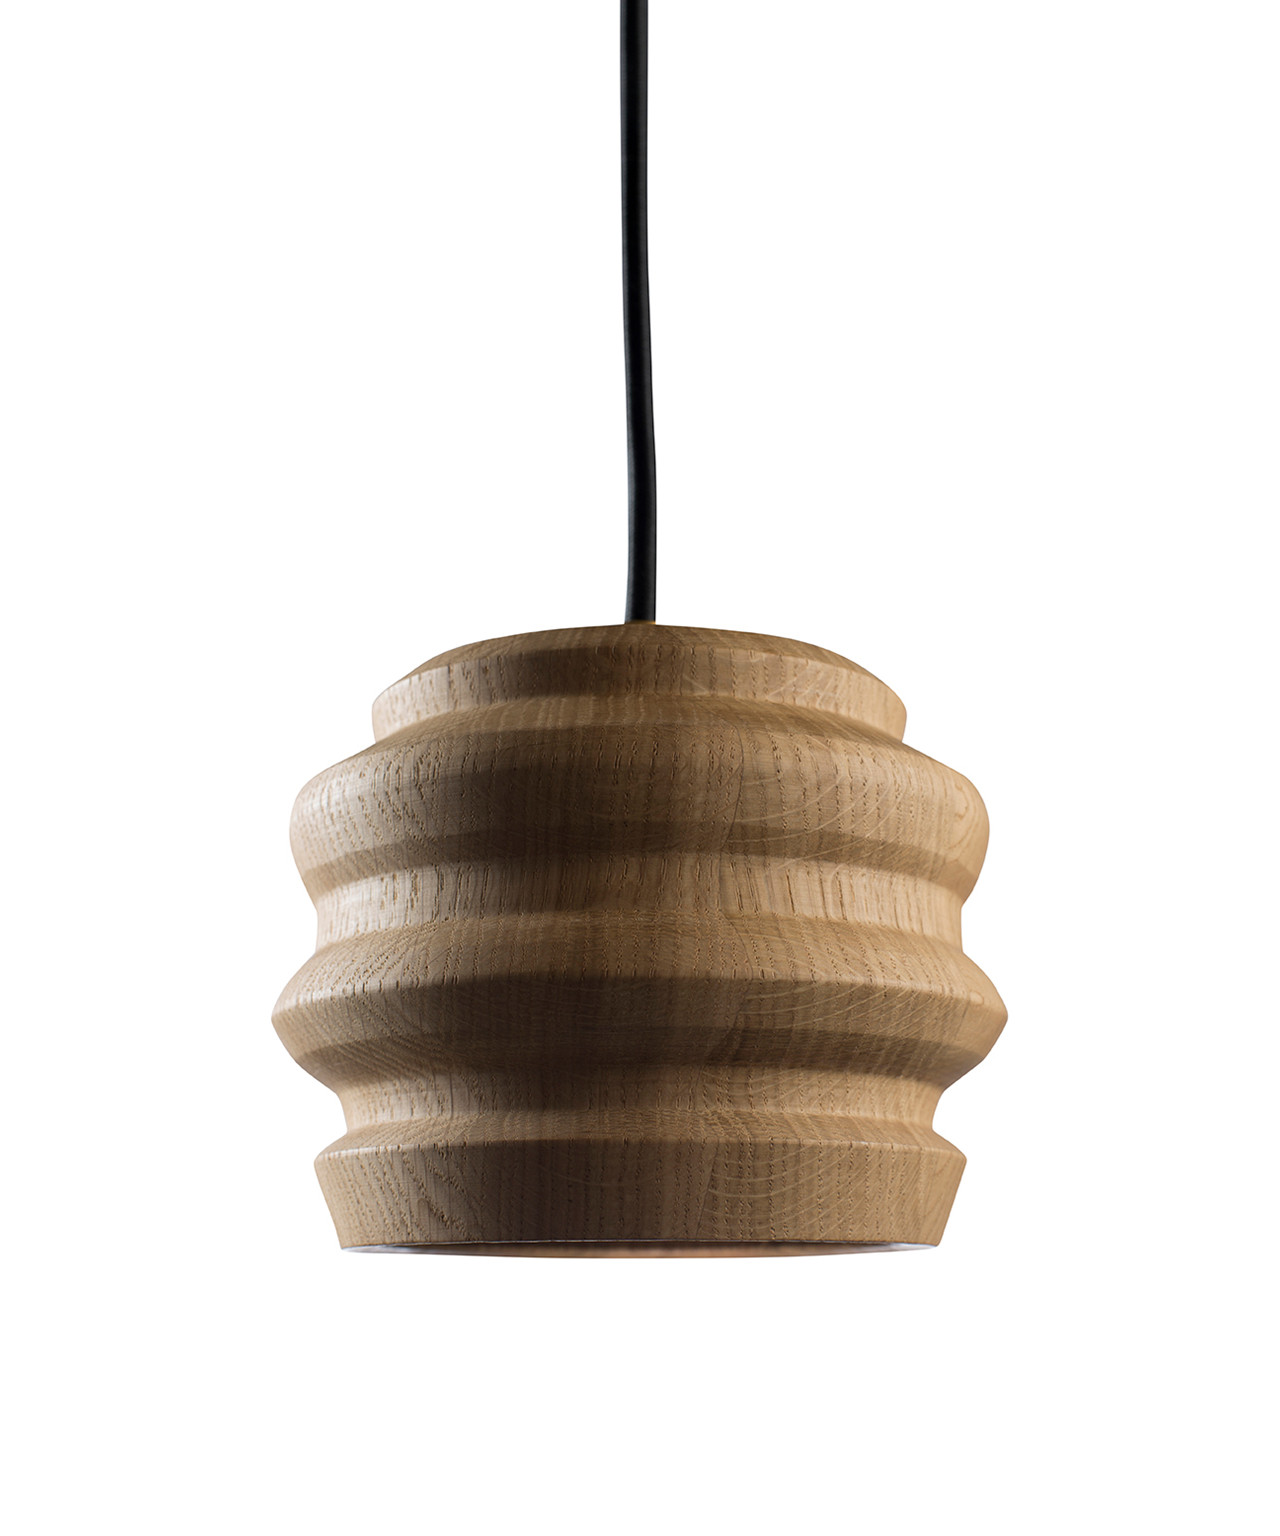 DesignMorten Flensted for Cph Lighting  Koncept Peak er en utrolig elegant og flot pendel, som er designet af Morten Flensted.  Pendlen er fremstillet i drejet massiv egetræ og med de skarpe linjer skaber det et flot modspil til træets varme. Peak leveres med en dæmpbar LED, som har en enestående farvegengivelse og en lysspredning på 60 gr, som gør lampen utrolig anvendelig som spisebordslampe. Hæng dem i klynger, på række eller også enkeltvis. Det er kun fantasien der sætter grænser med Peak.  Pendlen fås i tre forskellige varianter; naturlakeret eg, sortlakeret eg og røget eg.